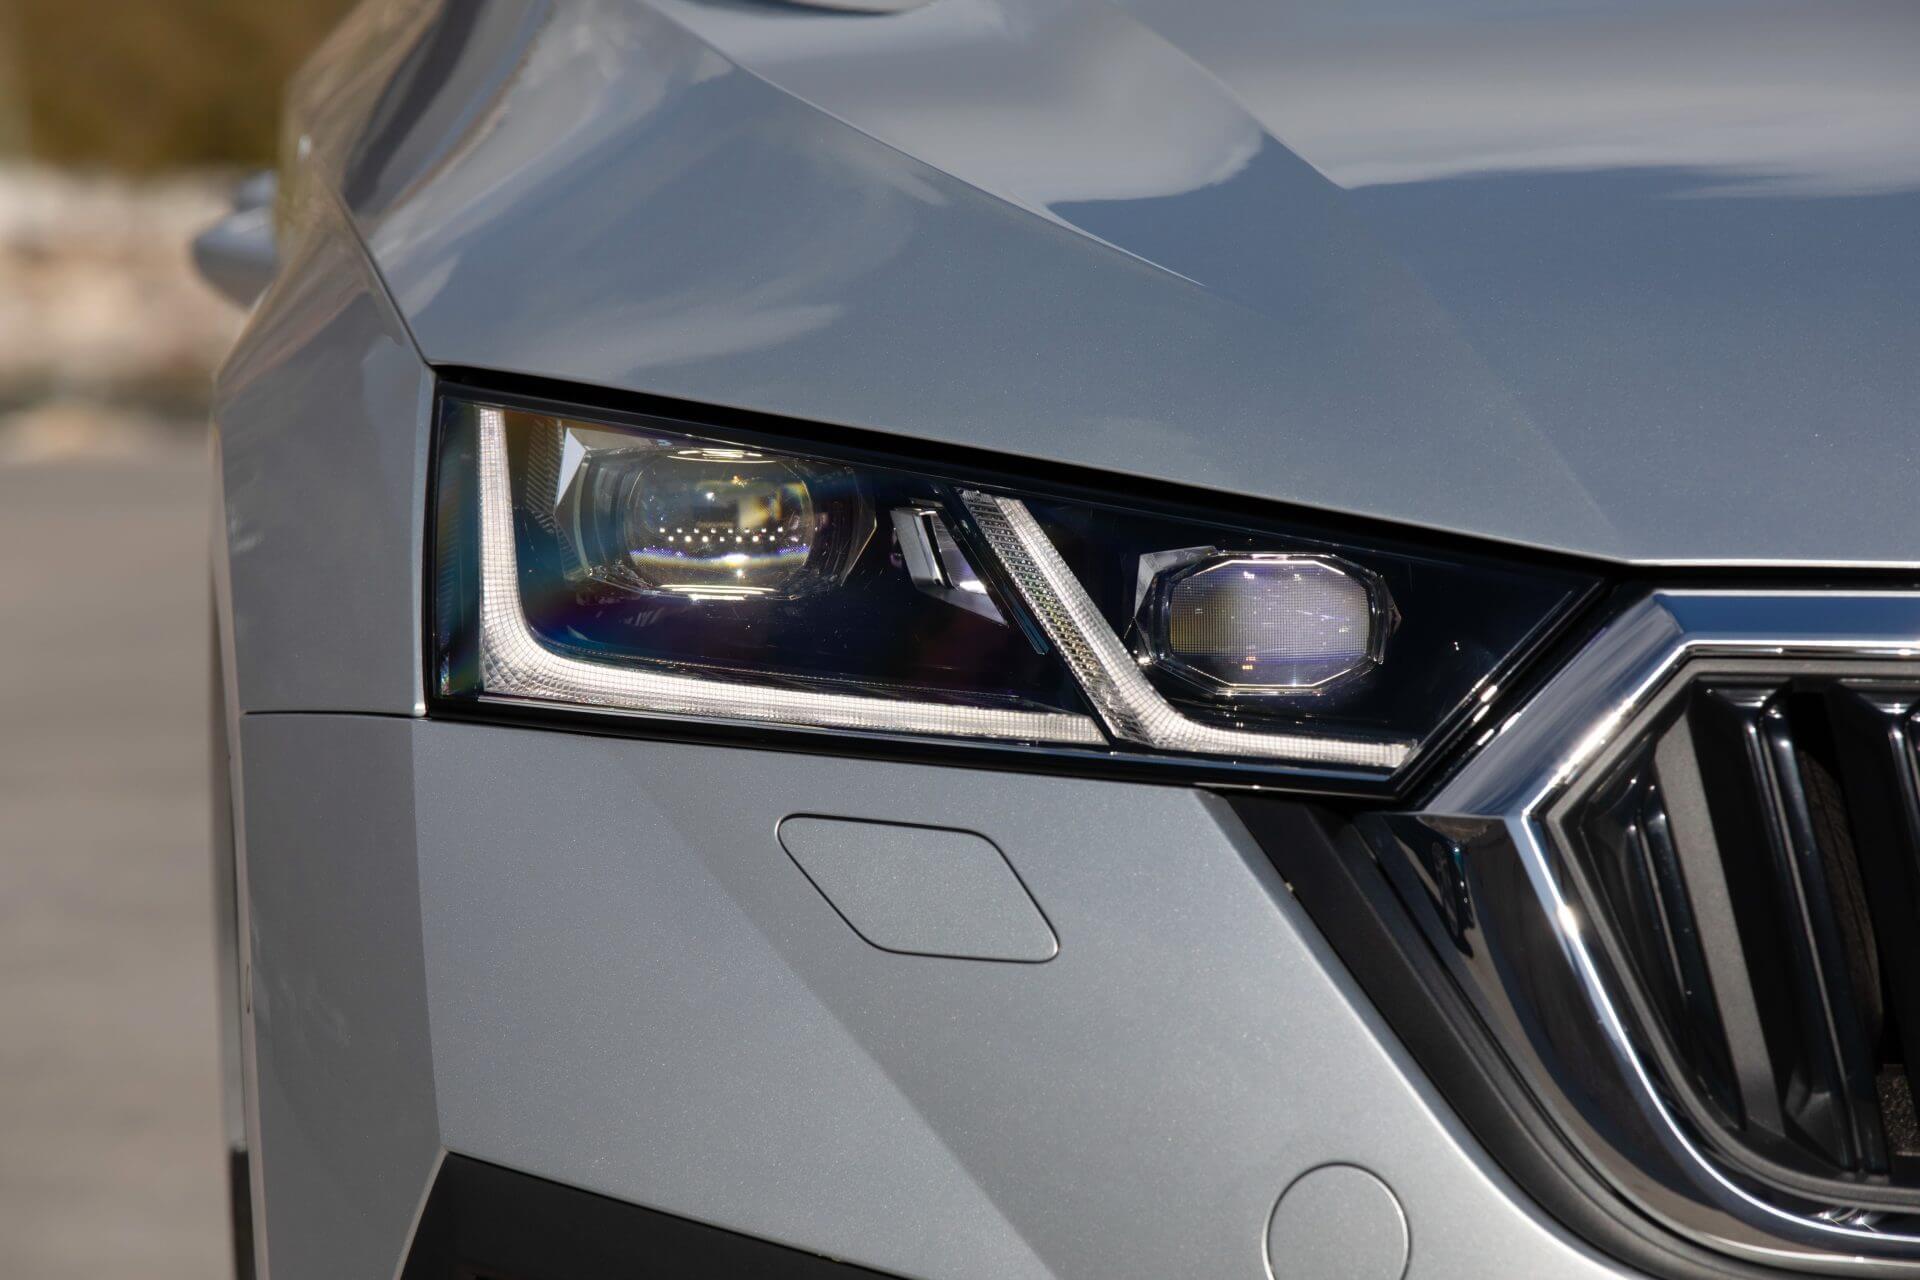 Νέα SKODA Octavia Sportswagon | Φώτα τεχνολογίας LED